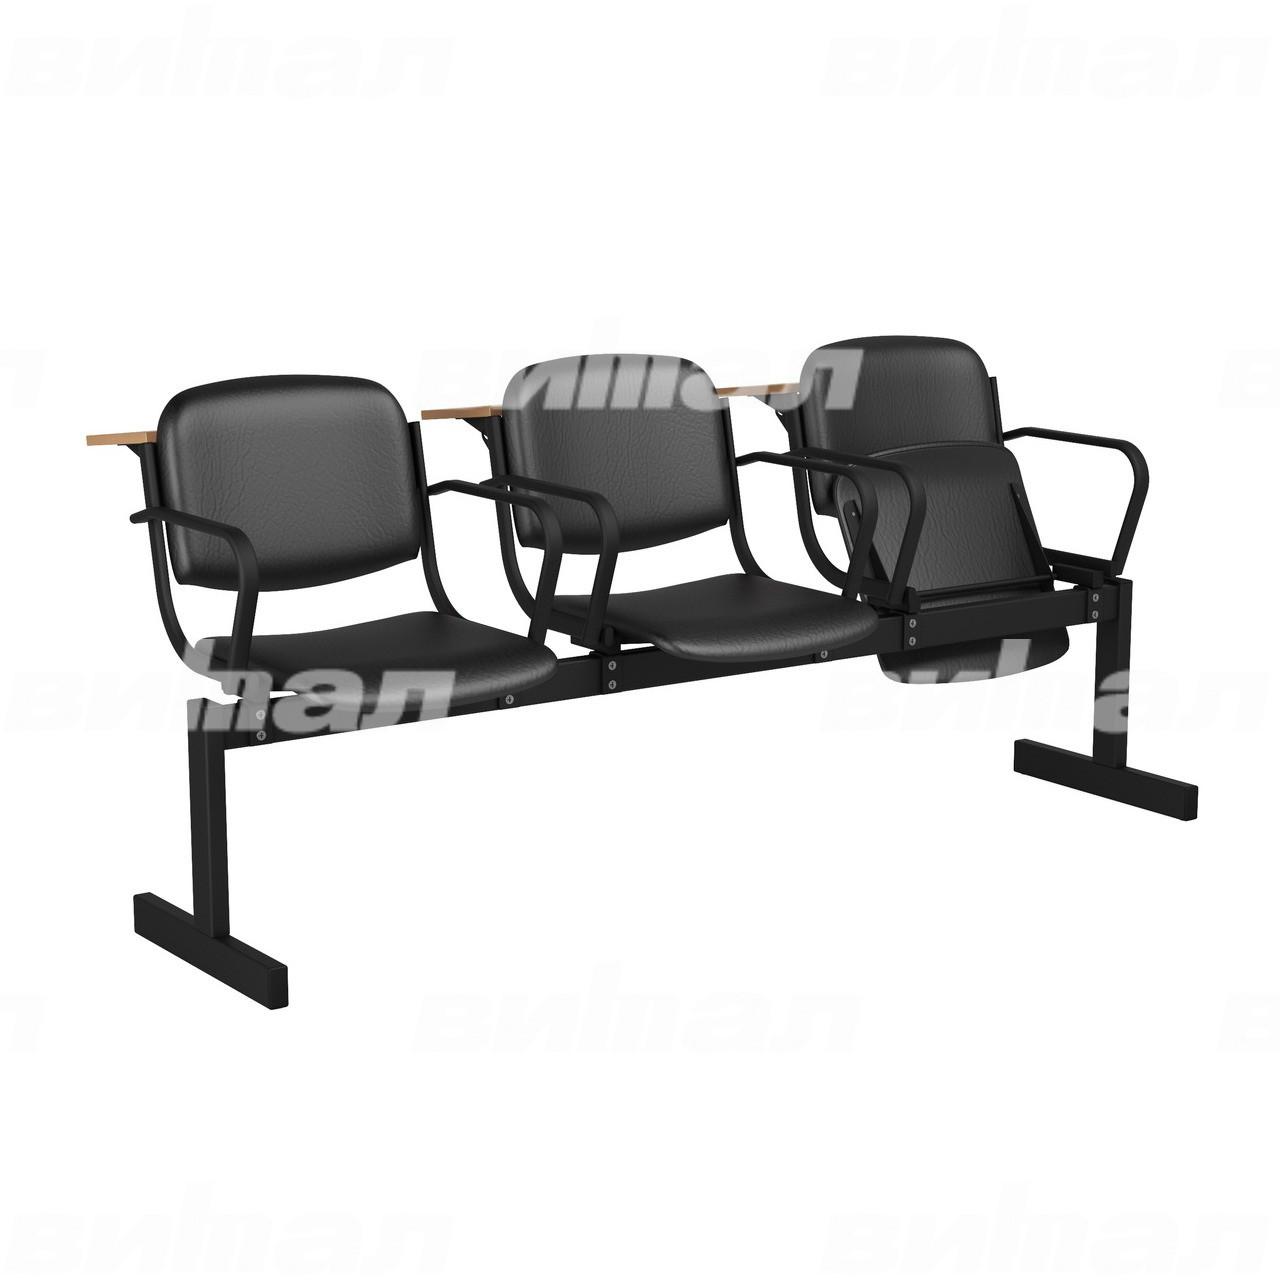 3-местный, откидывающиеся сиденья, мягкий, подлокотники, лекционный черный черный Кожзаменитель